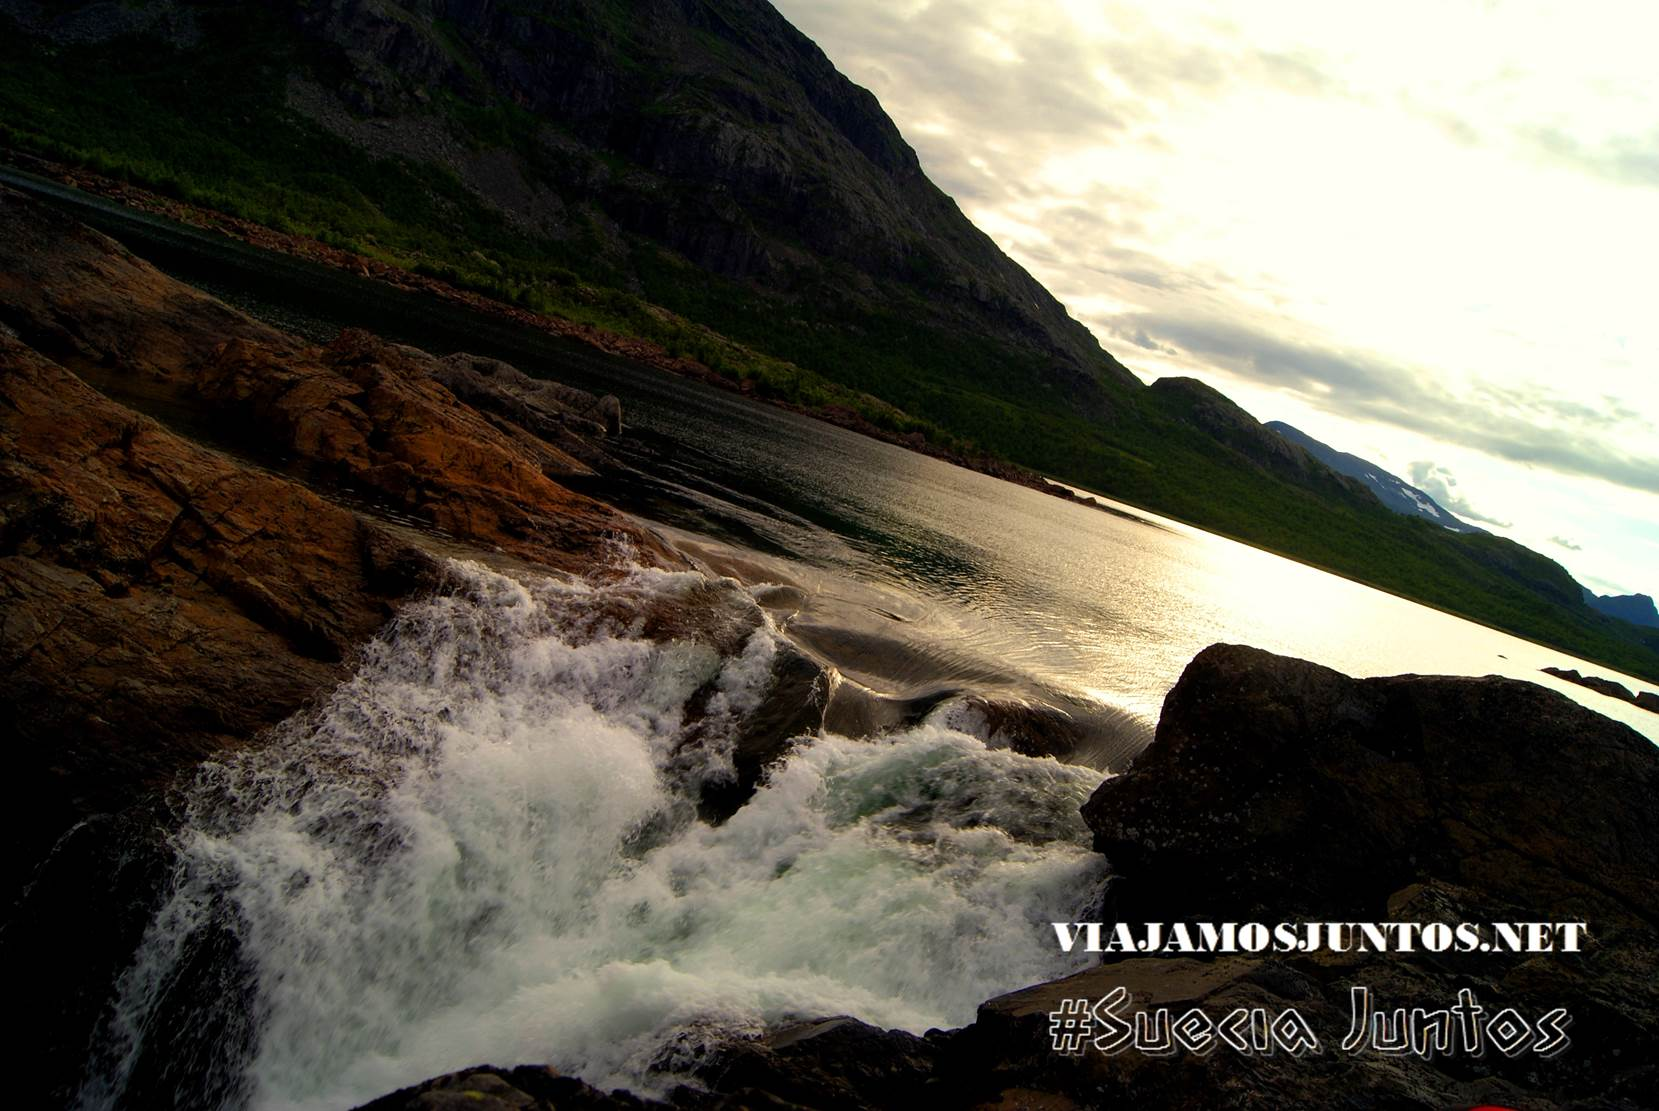 Suecia, naturaleza, viajar por libre, vistas, paisajes, Laponia Sueca, inspiración, información práctica, tips, consejos, viajar por libre, alojamiento, diario, viajar en coche, Ritsem